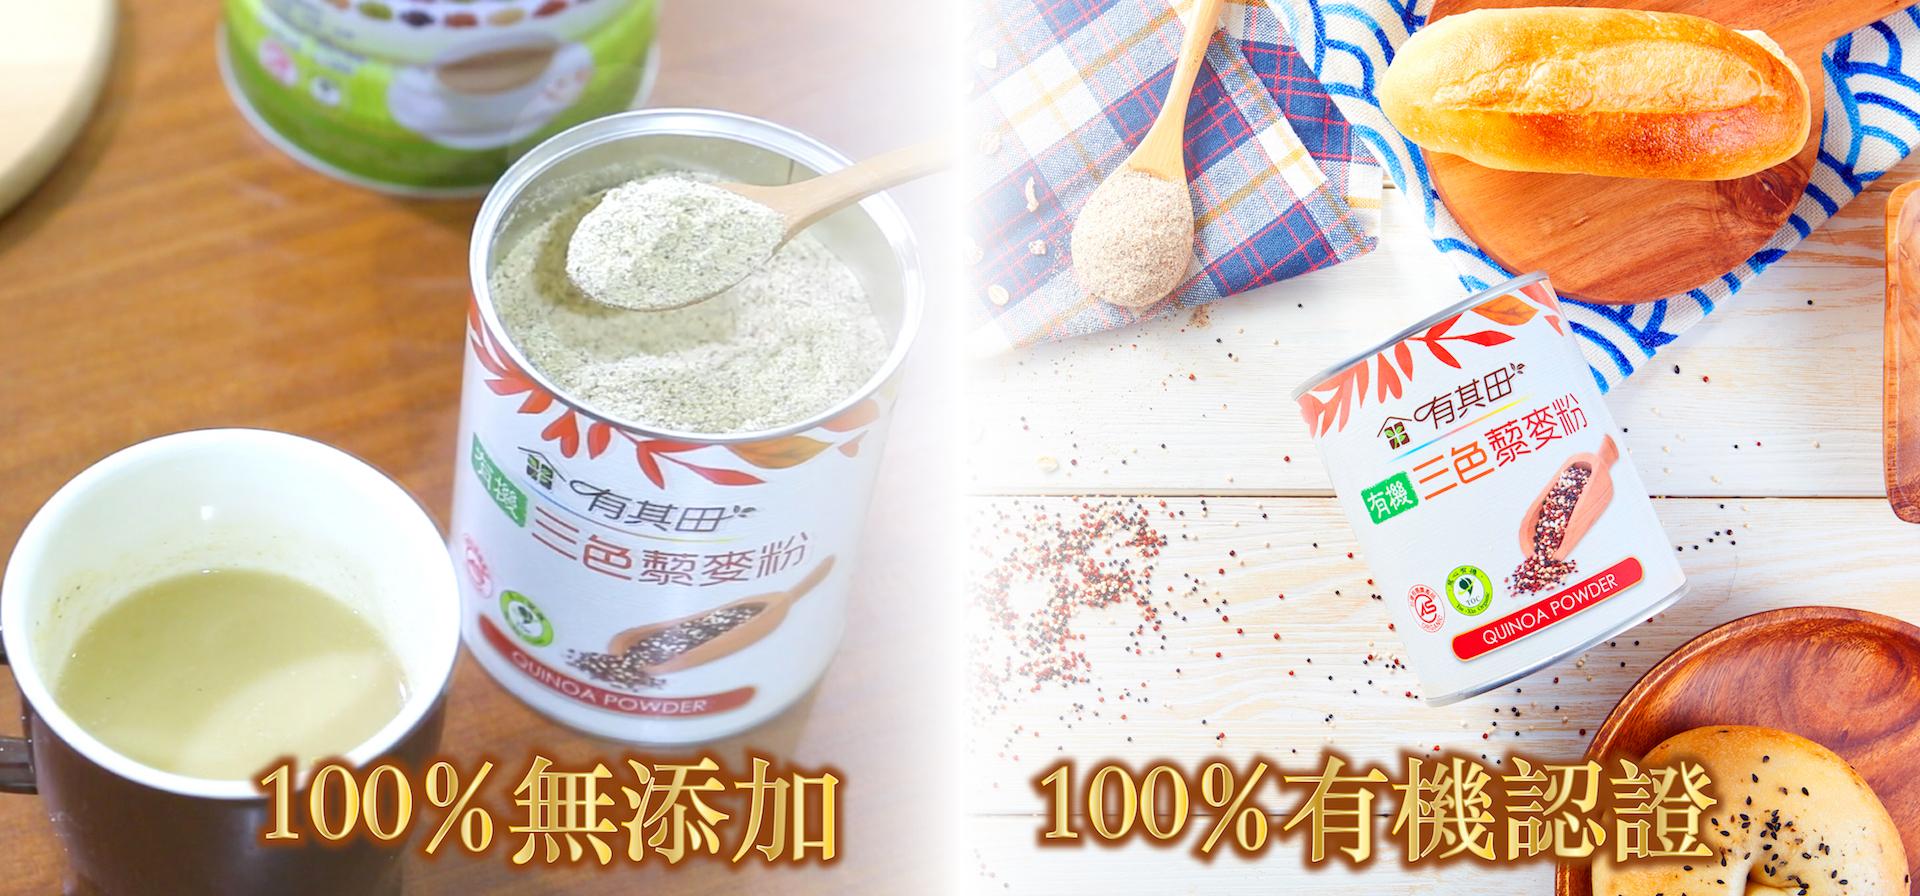 植物奶買2送1,加$199送三色藜麥粉